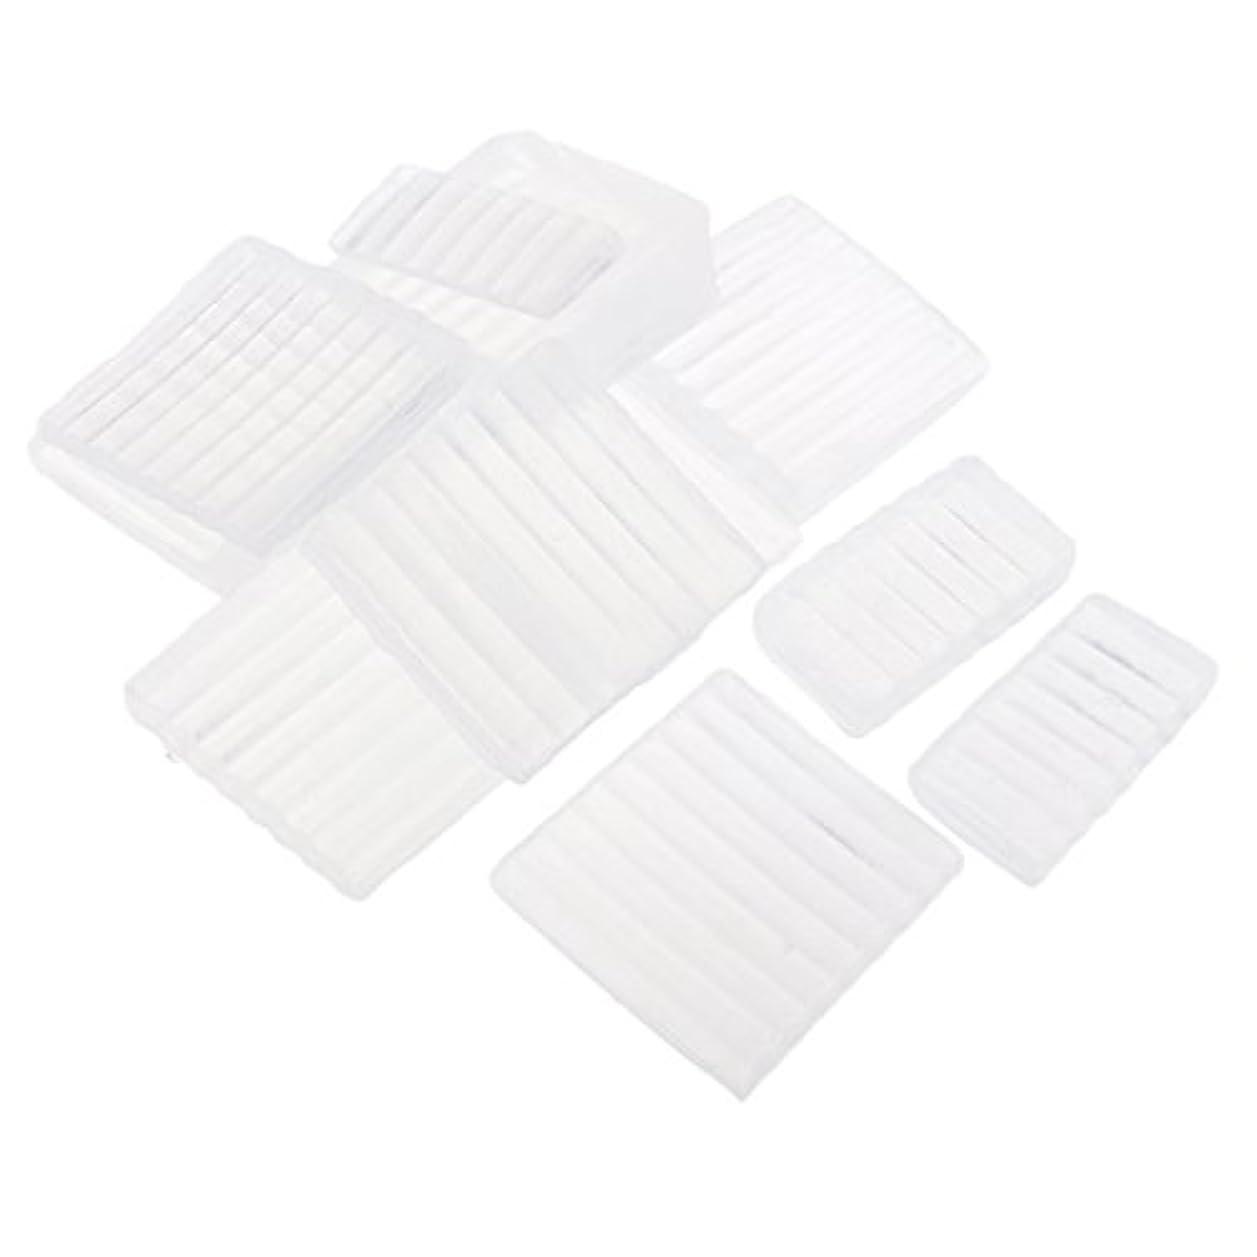 有用ブラウン刈るFenteer ホワイト 透明 石鹸ベース DIY 手作り 石鹸 材料 約500g